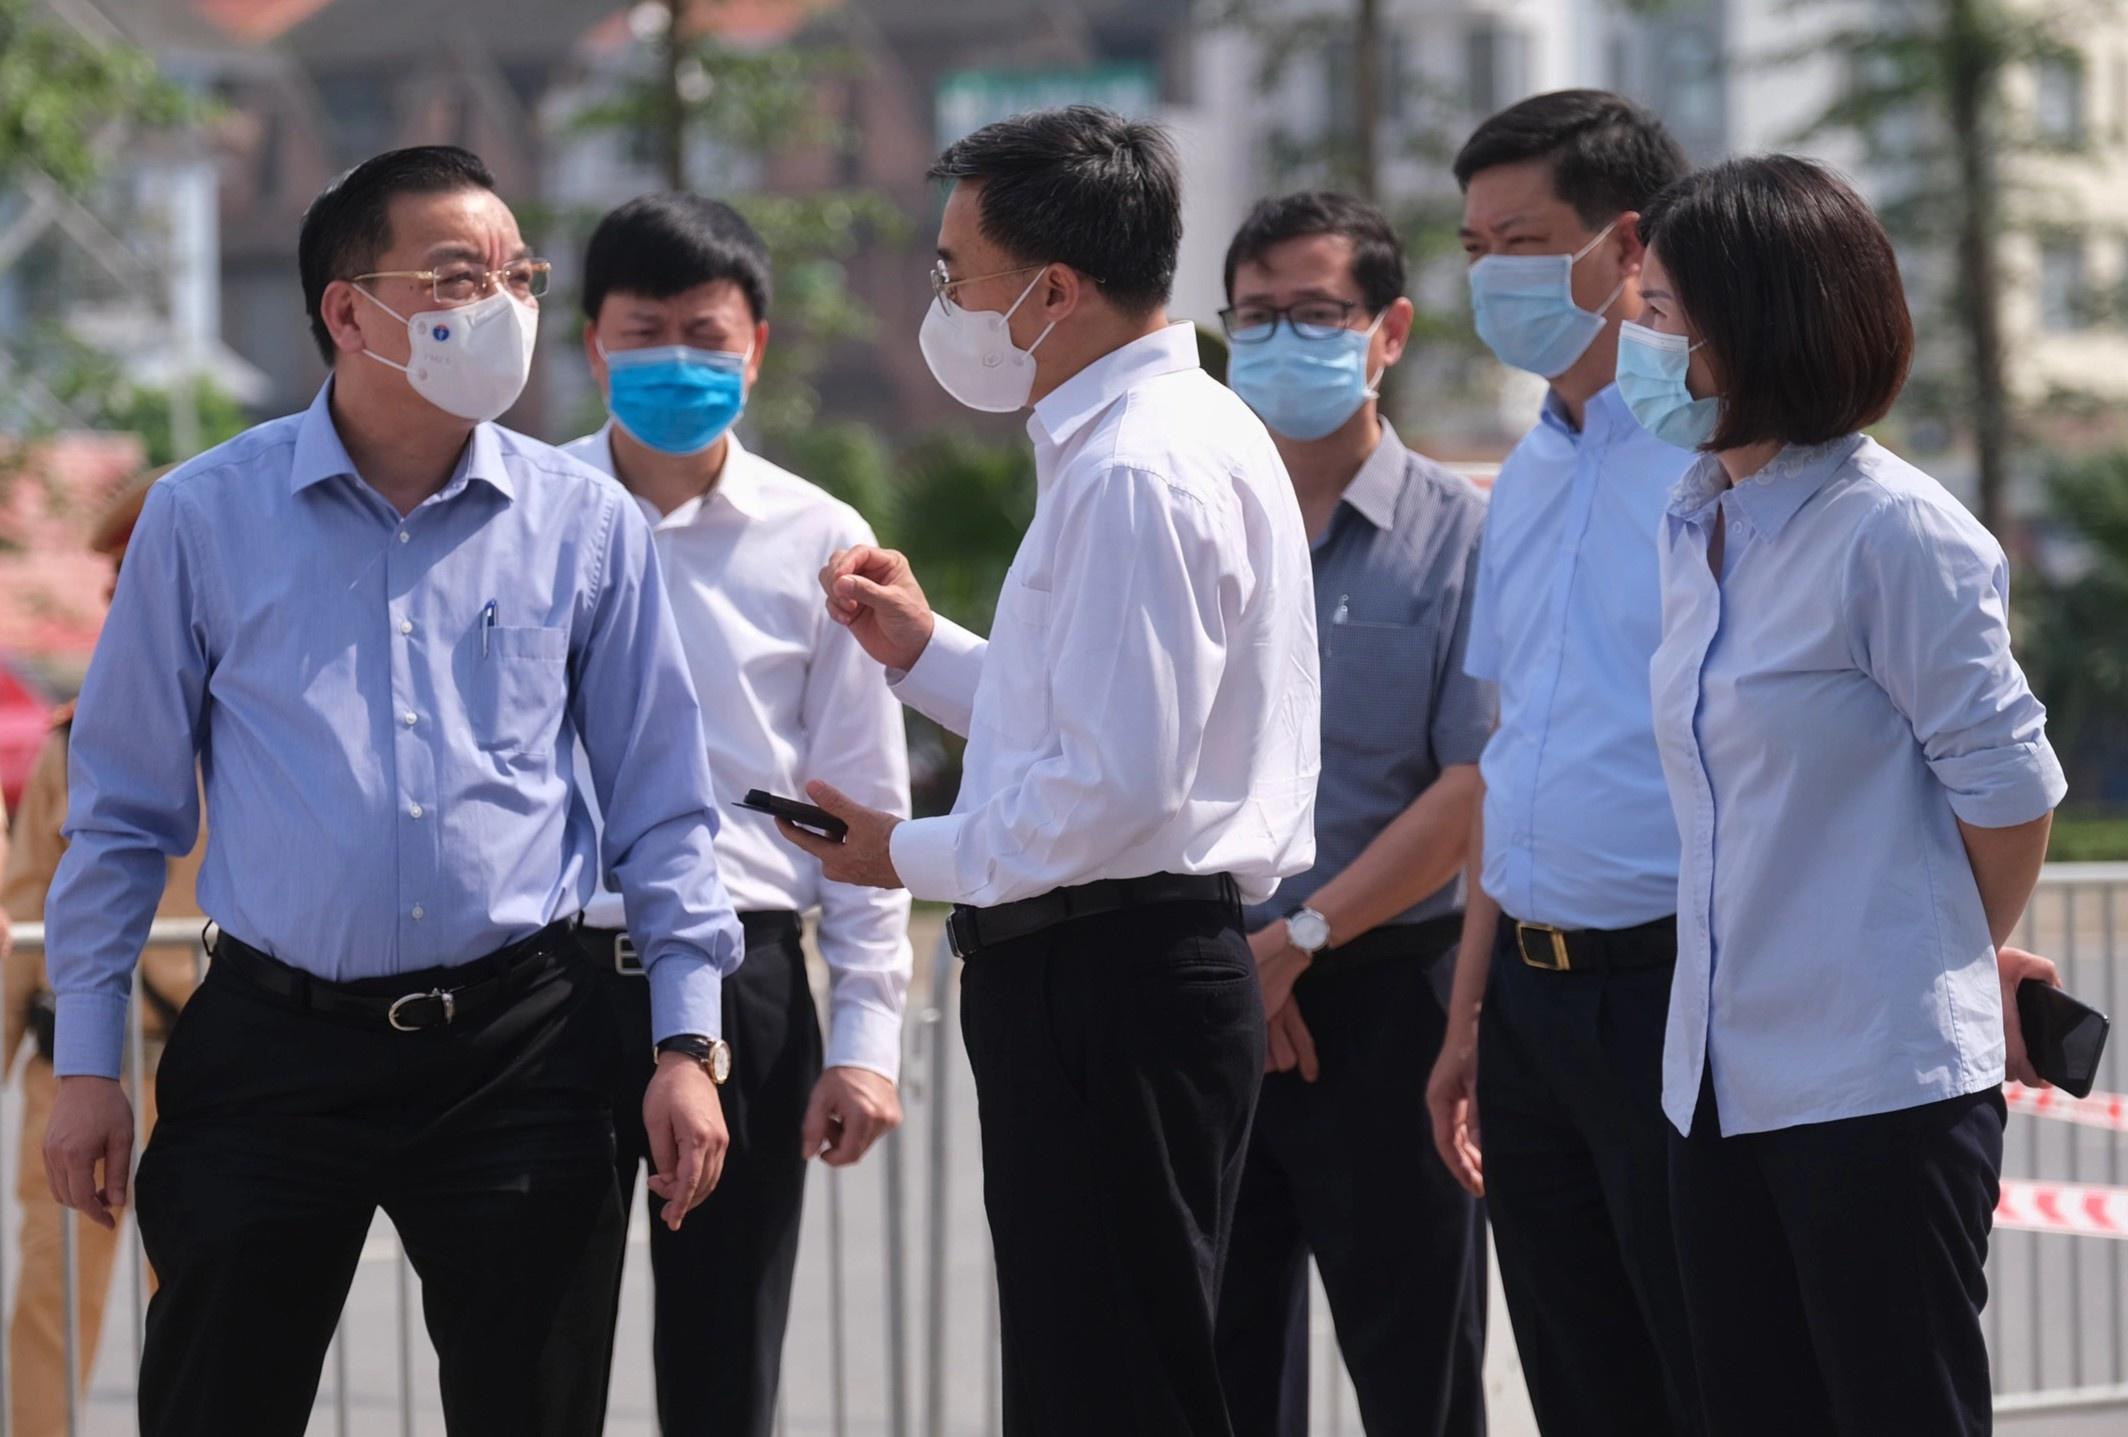 Chủ tịch UBND TP Hà Nội Chu Ngọc Anh kiểm tra tại bệnh viện K cơ sở Tân Triều. Ảnh: Phạm Thắng.